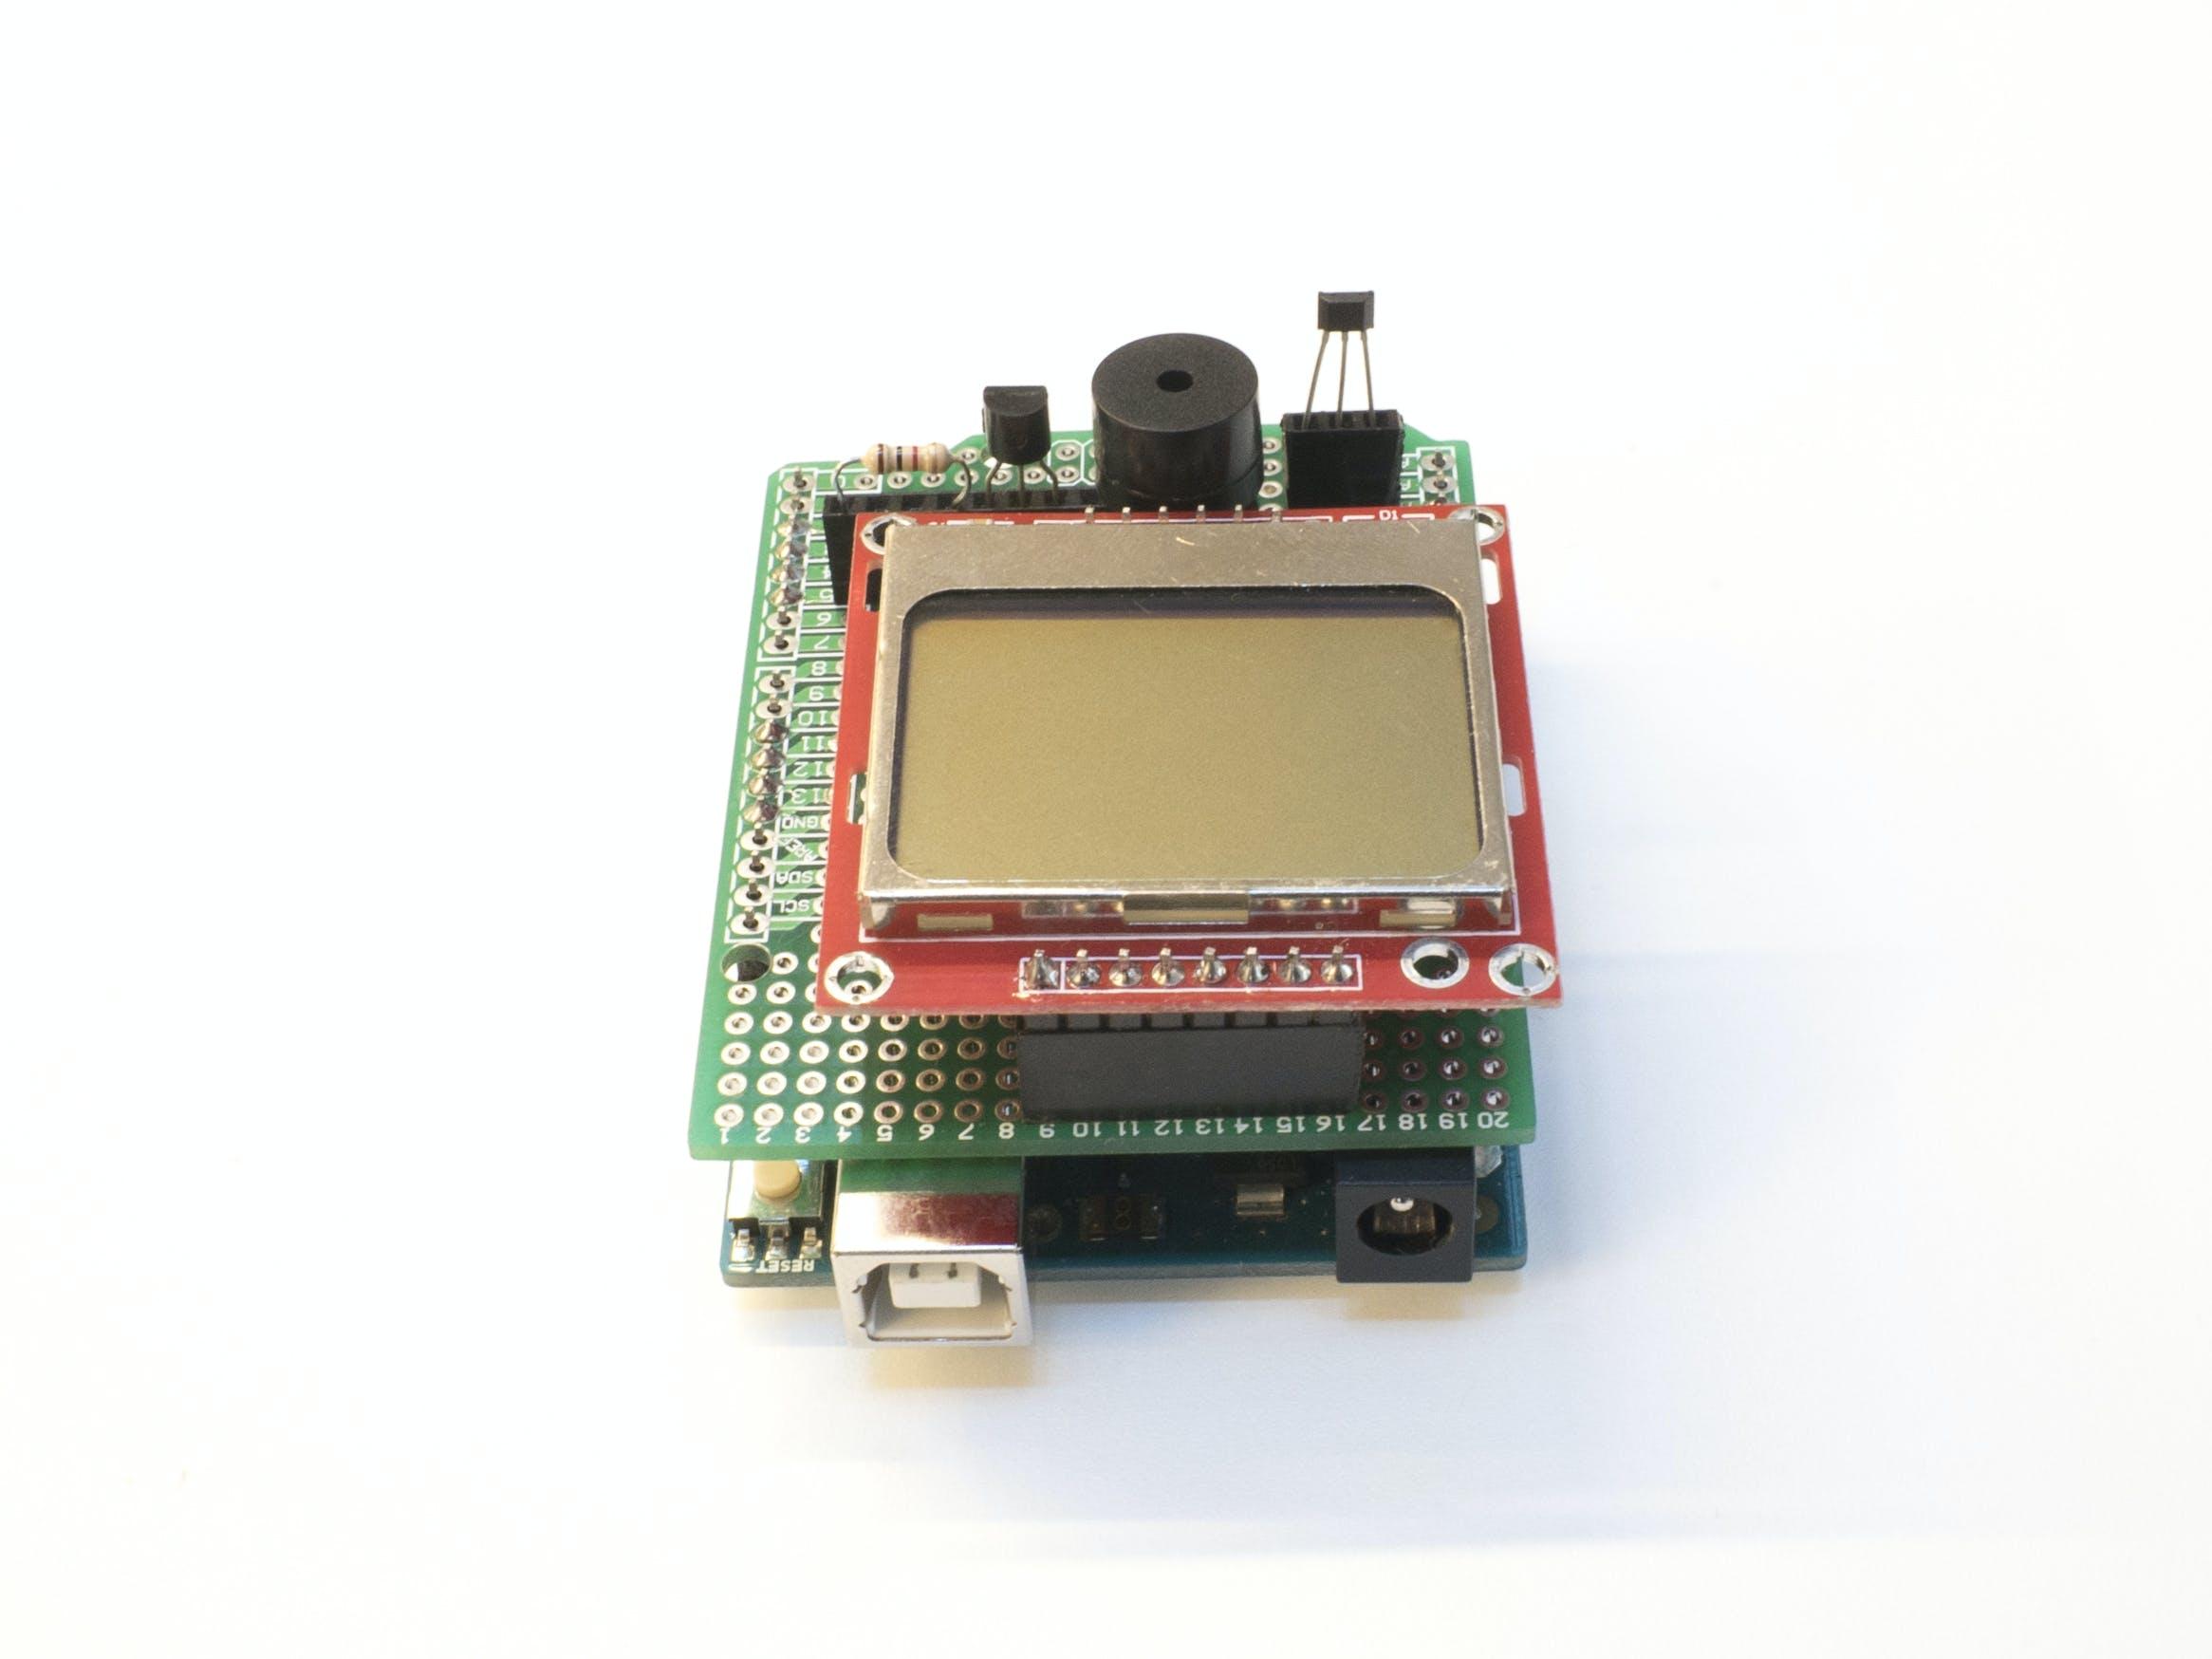 Shield and Arduino of Giftduino